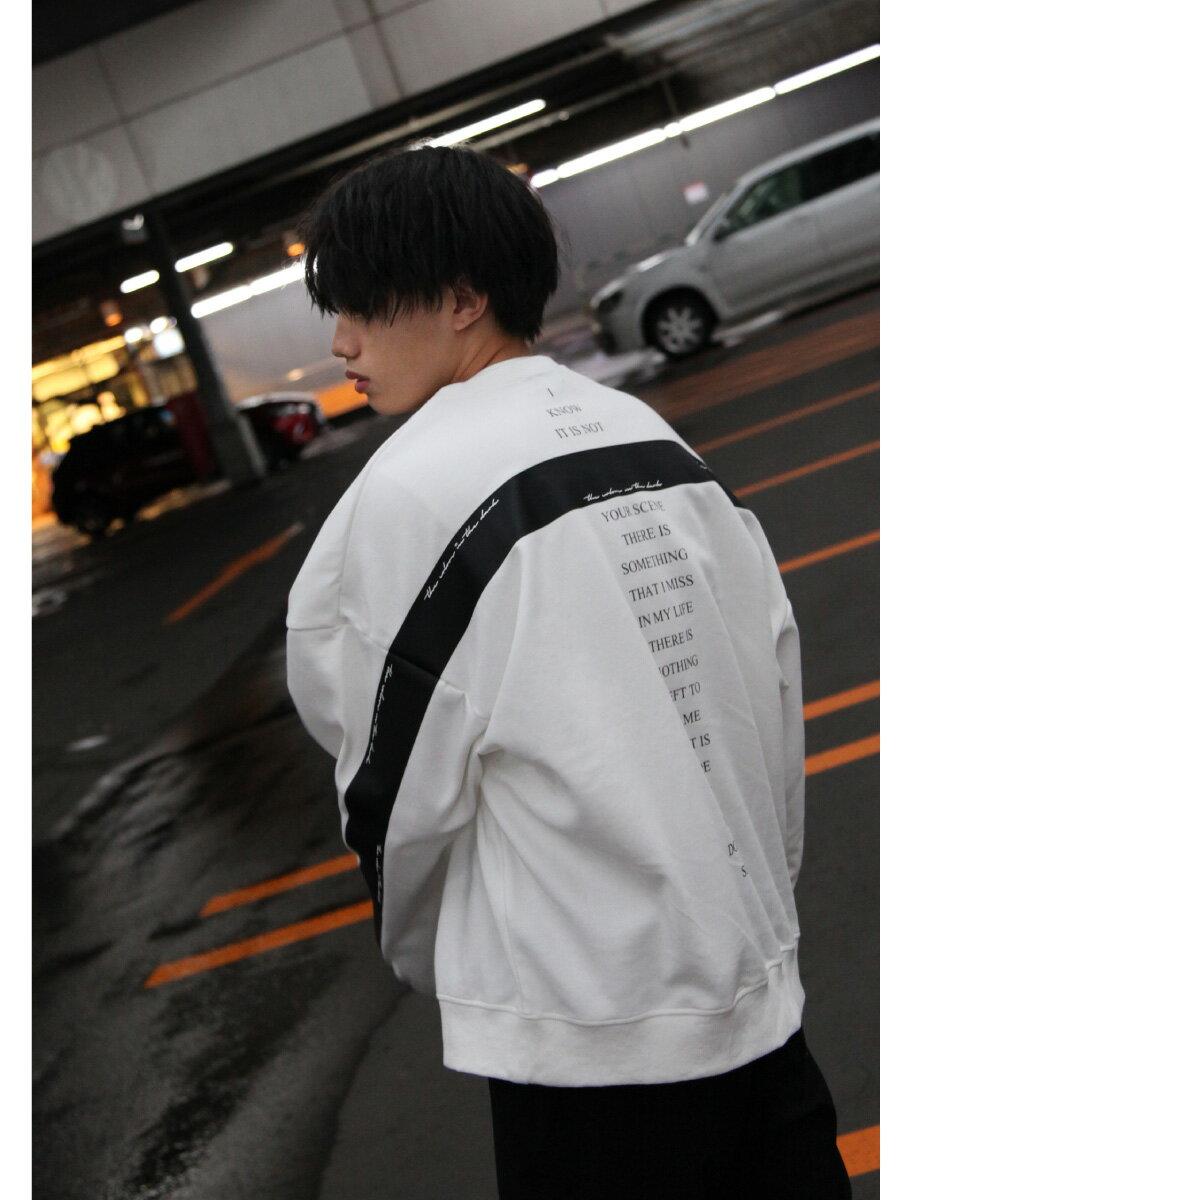 寬版運動衫 LOGO設計 7